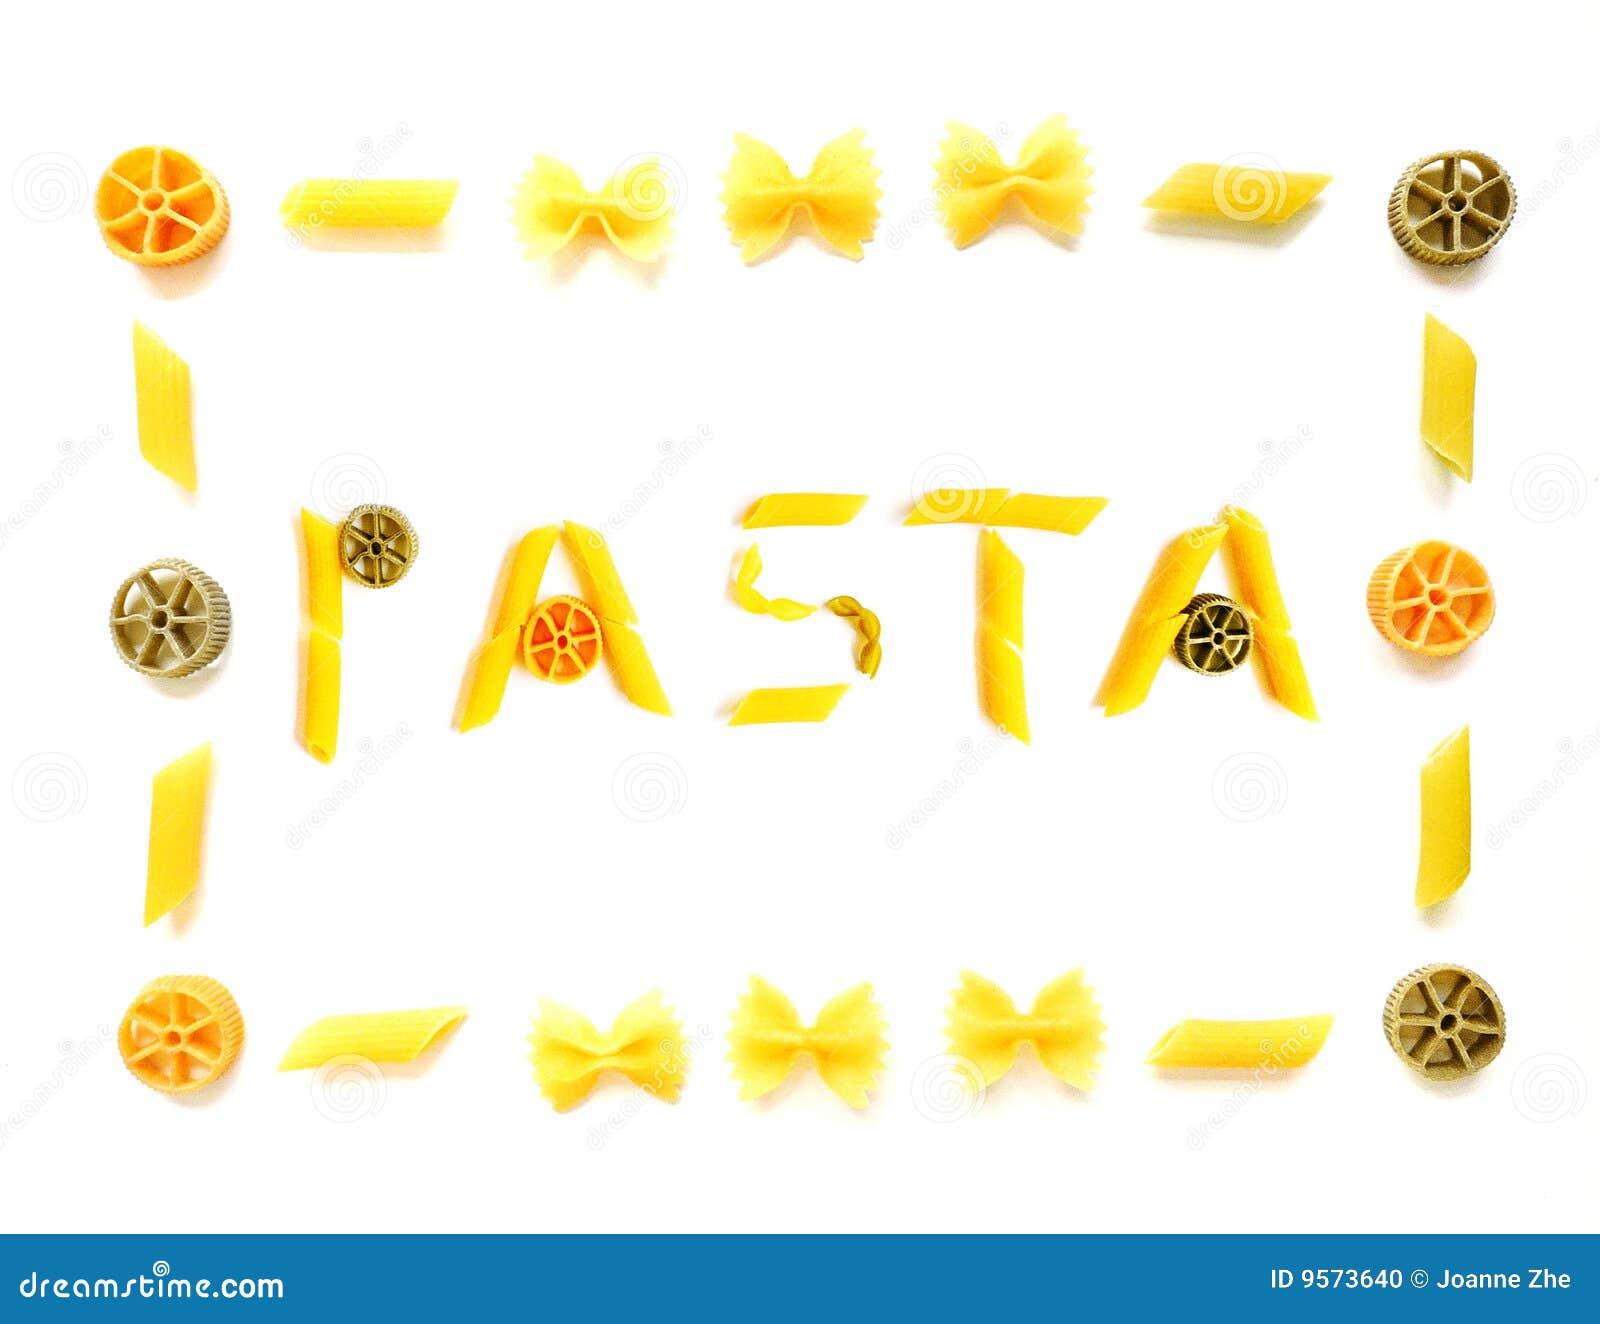 pasta word with frame stock photo 9573640 megapixl